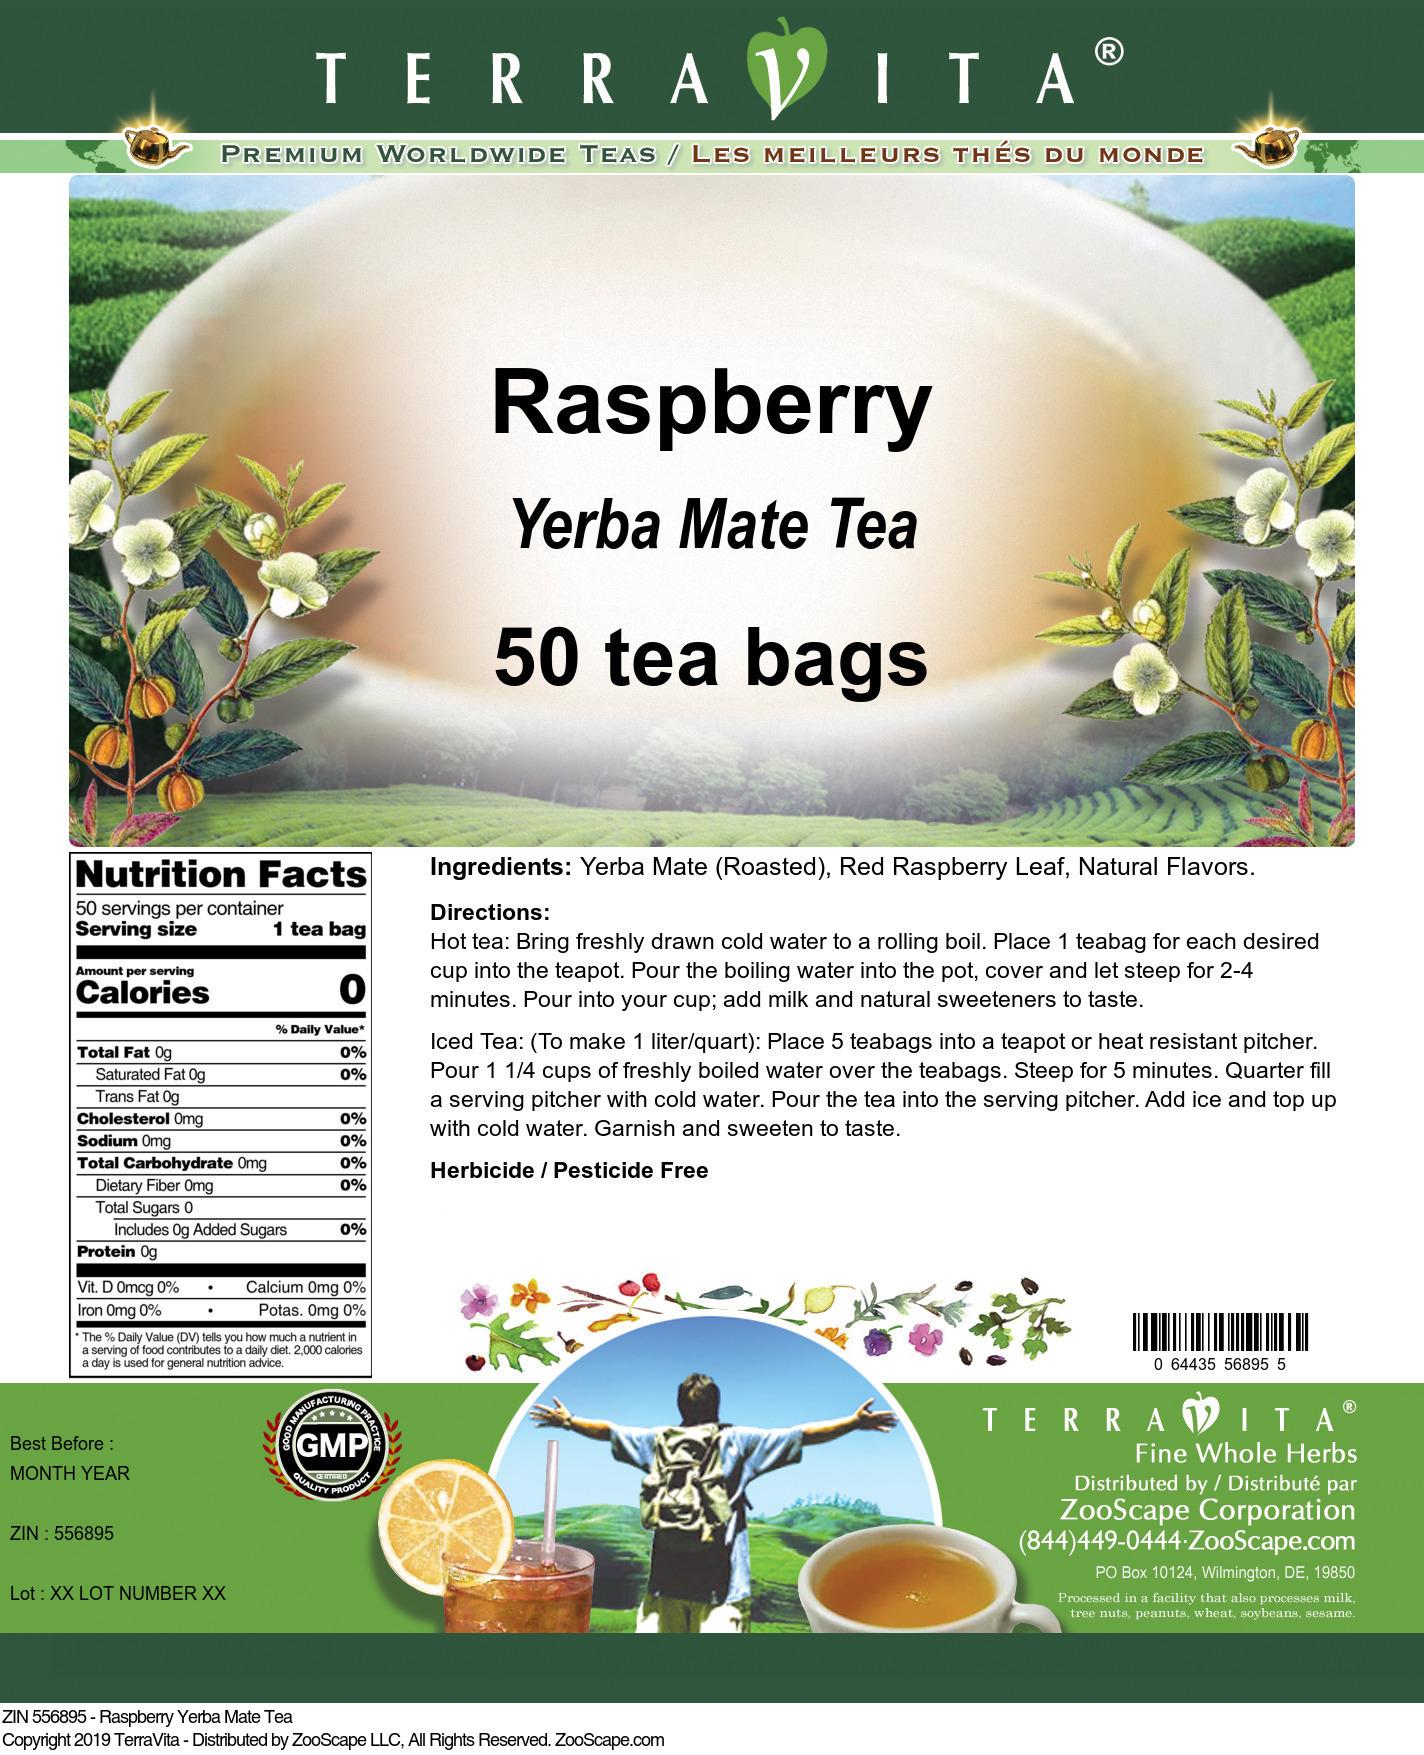 Raspberry Yerba Mate Tea